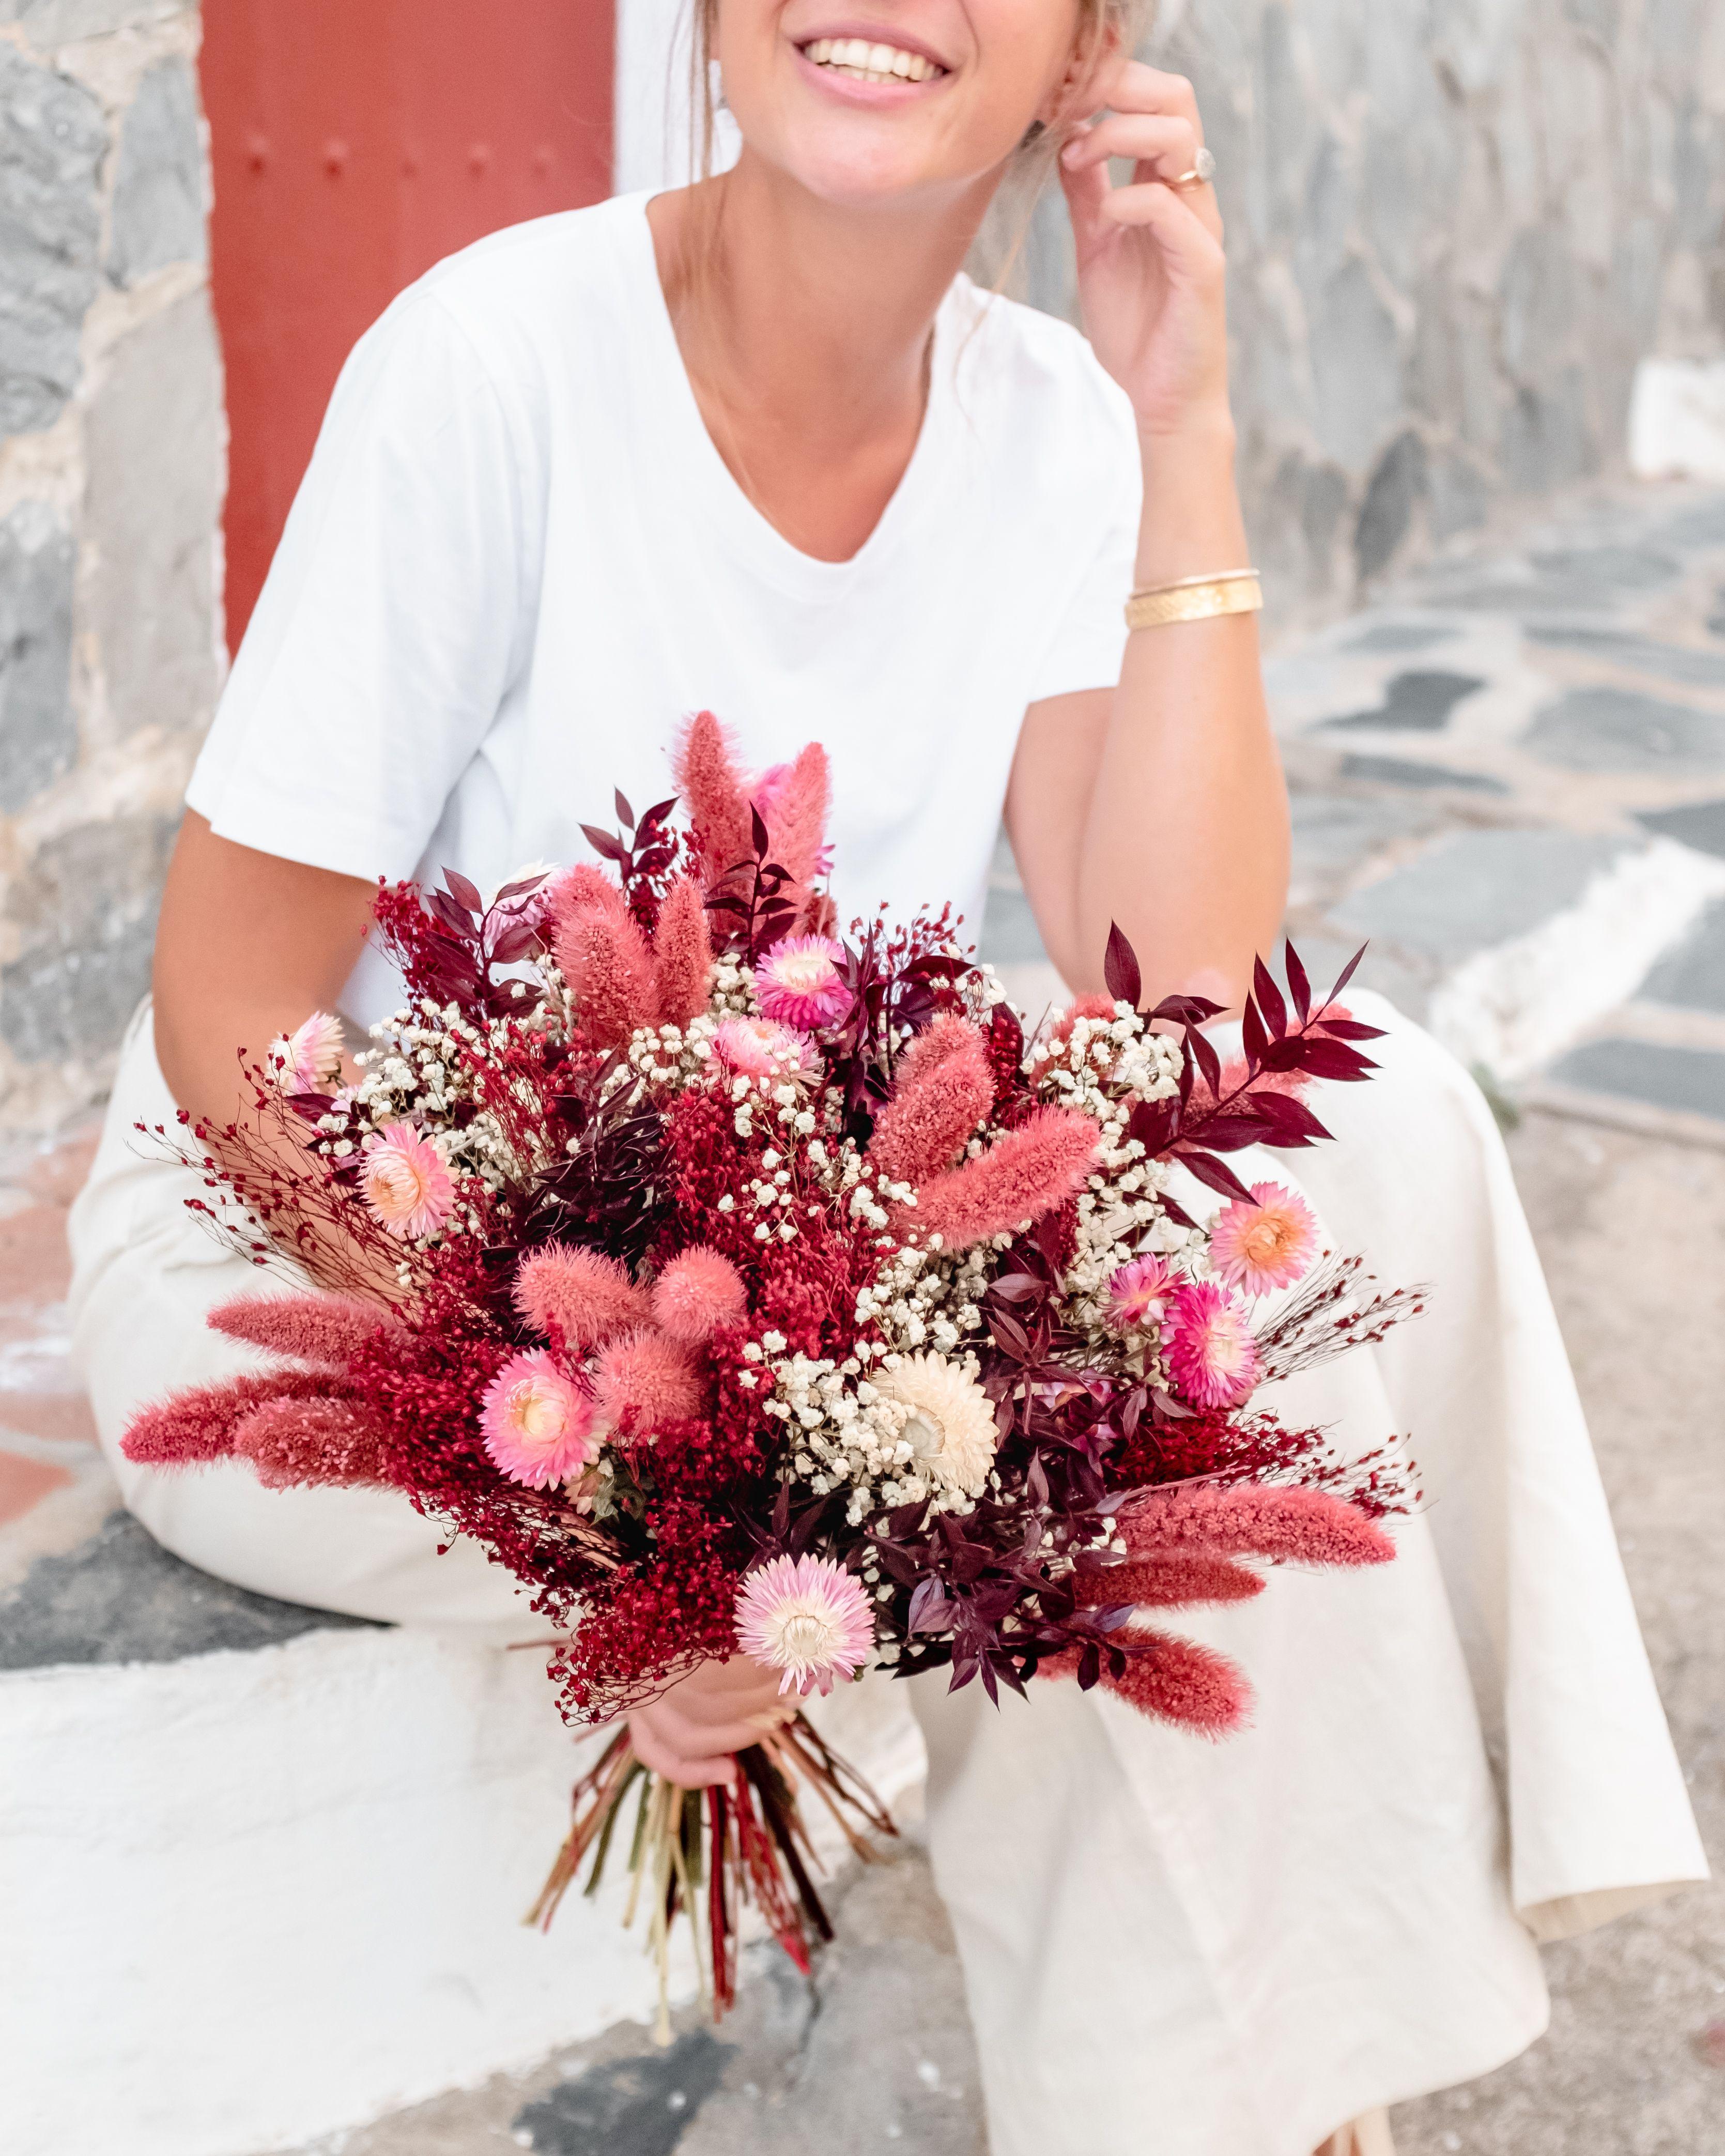 Comment Faire Secher Une Rose Fraiche bouquet de fleurs séchées begur - rosa cadaqués | fleurs